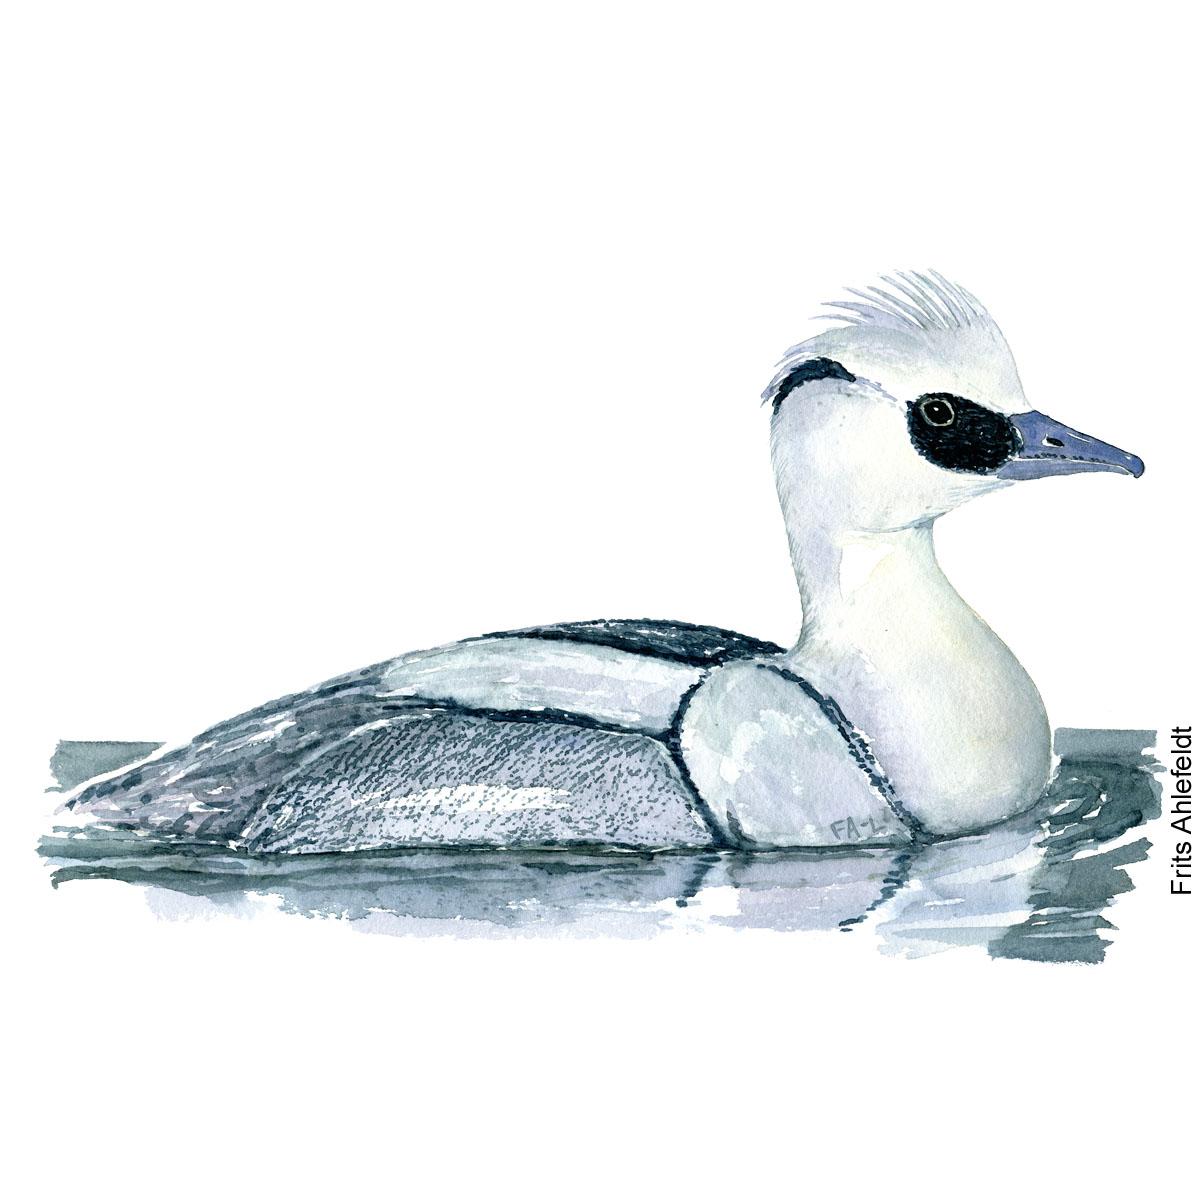 Lille skallesluger - Smew Bird watercolor. Fugle akvarel af Frits Ahlefeldt